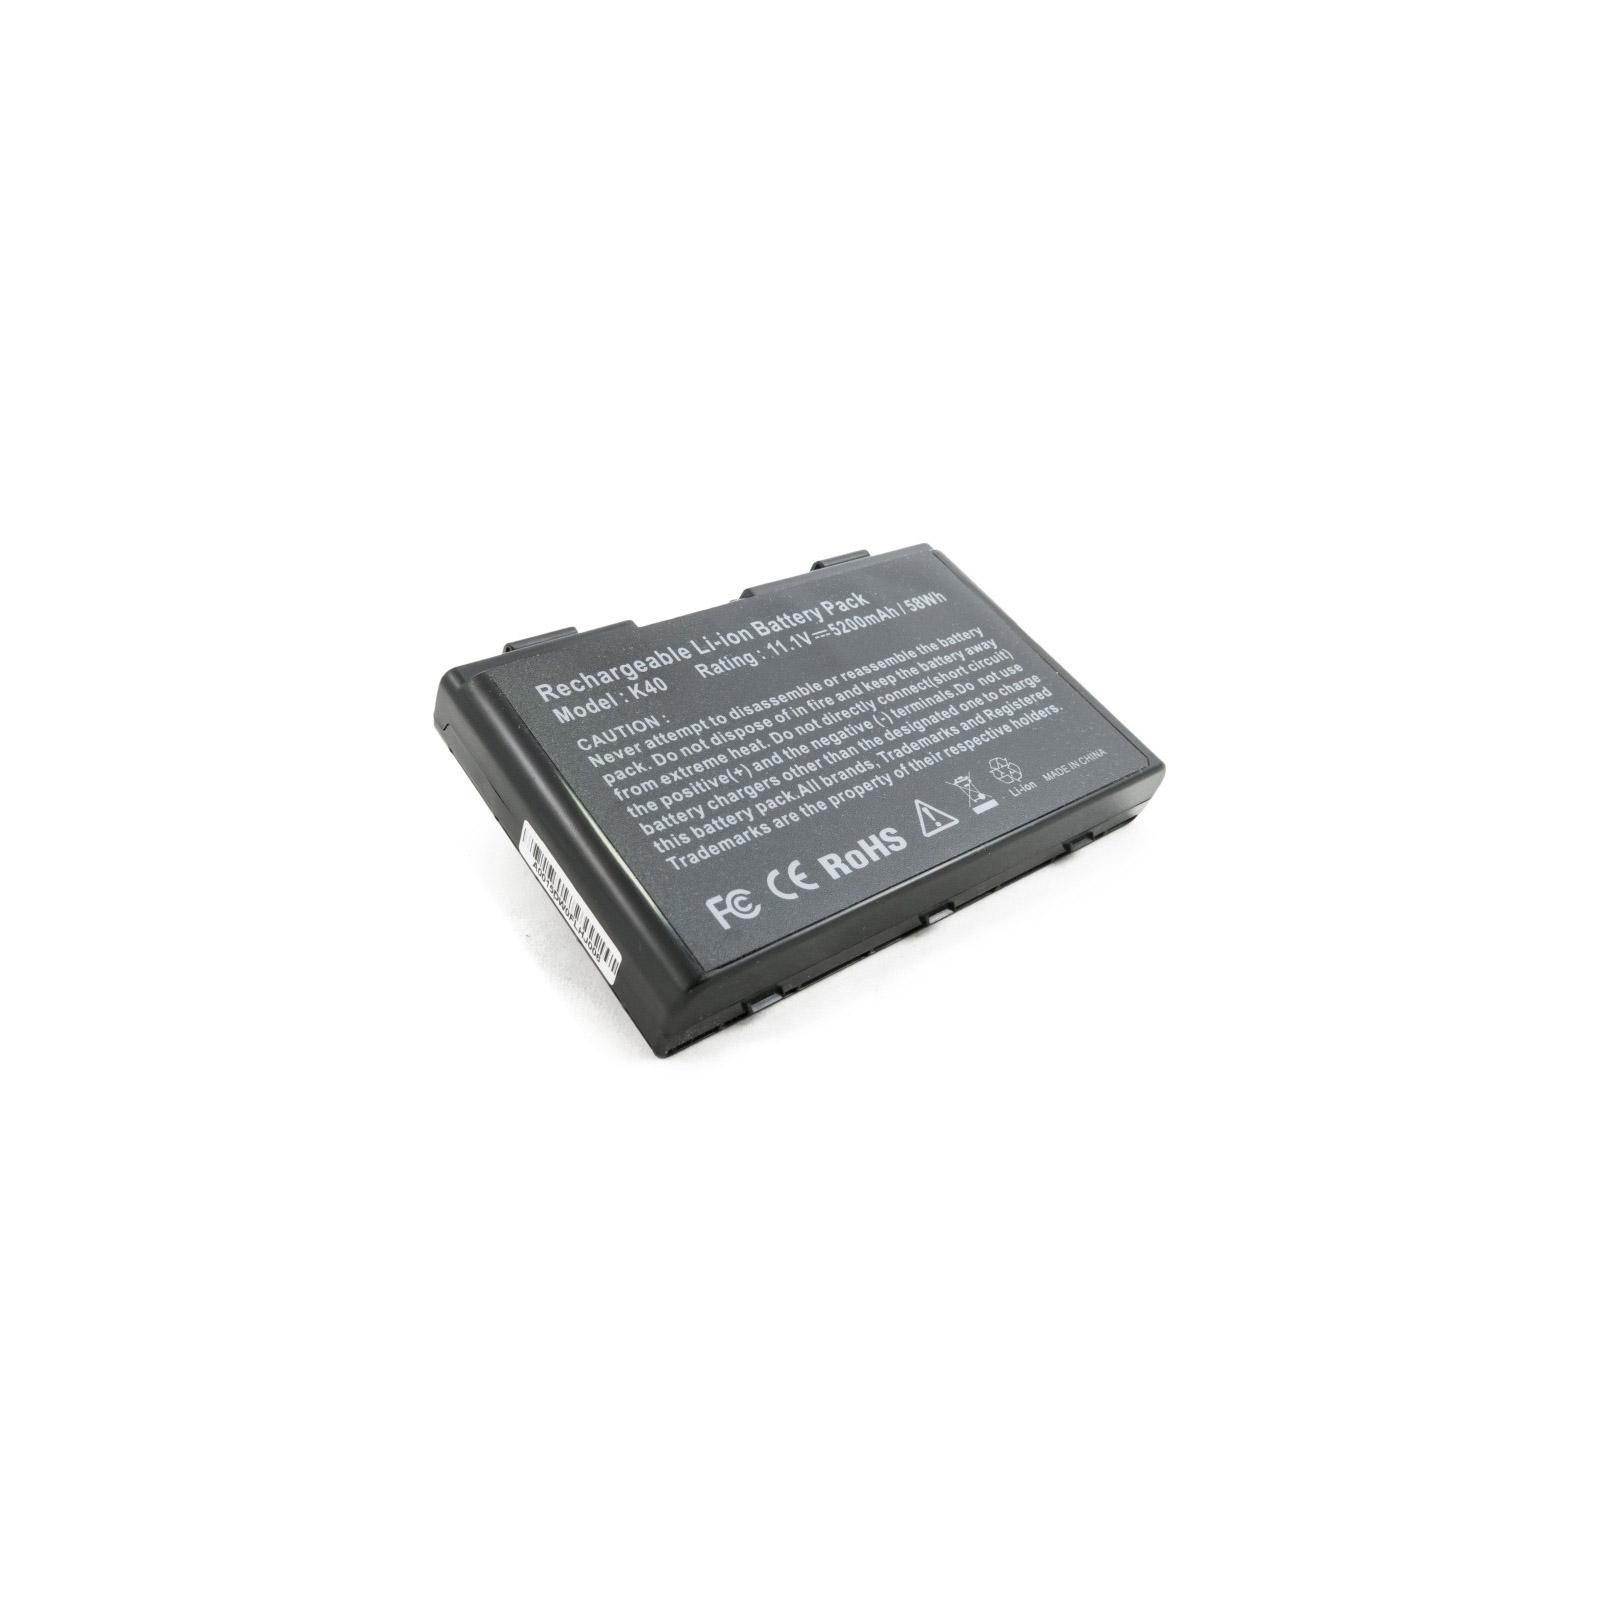 Аккумулятор для ноутбука Asus K40 (A32-F82) 5200 mAh EXTRADIGITAL (BNA3927) изображение 6